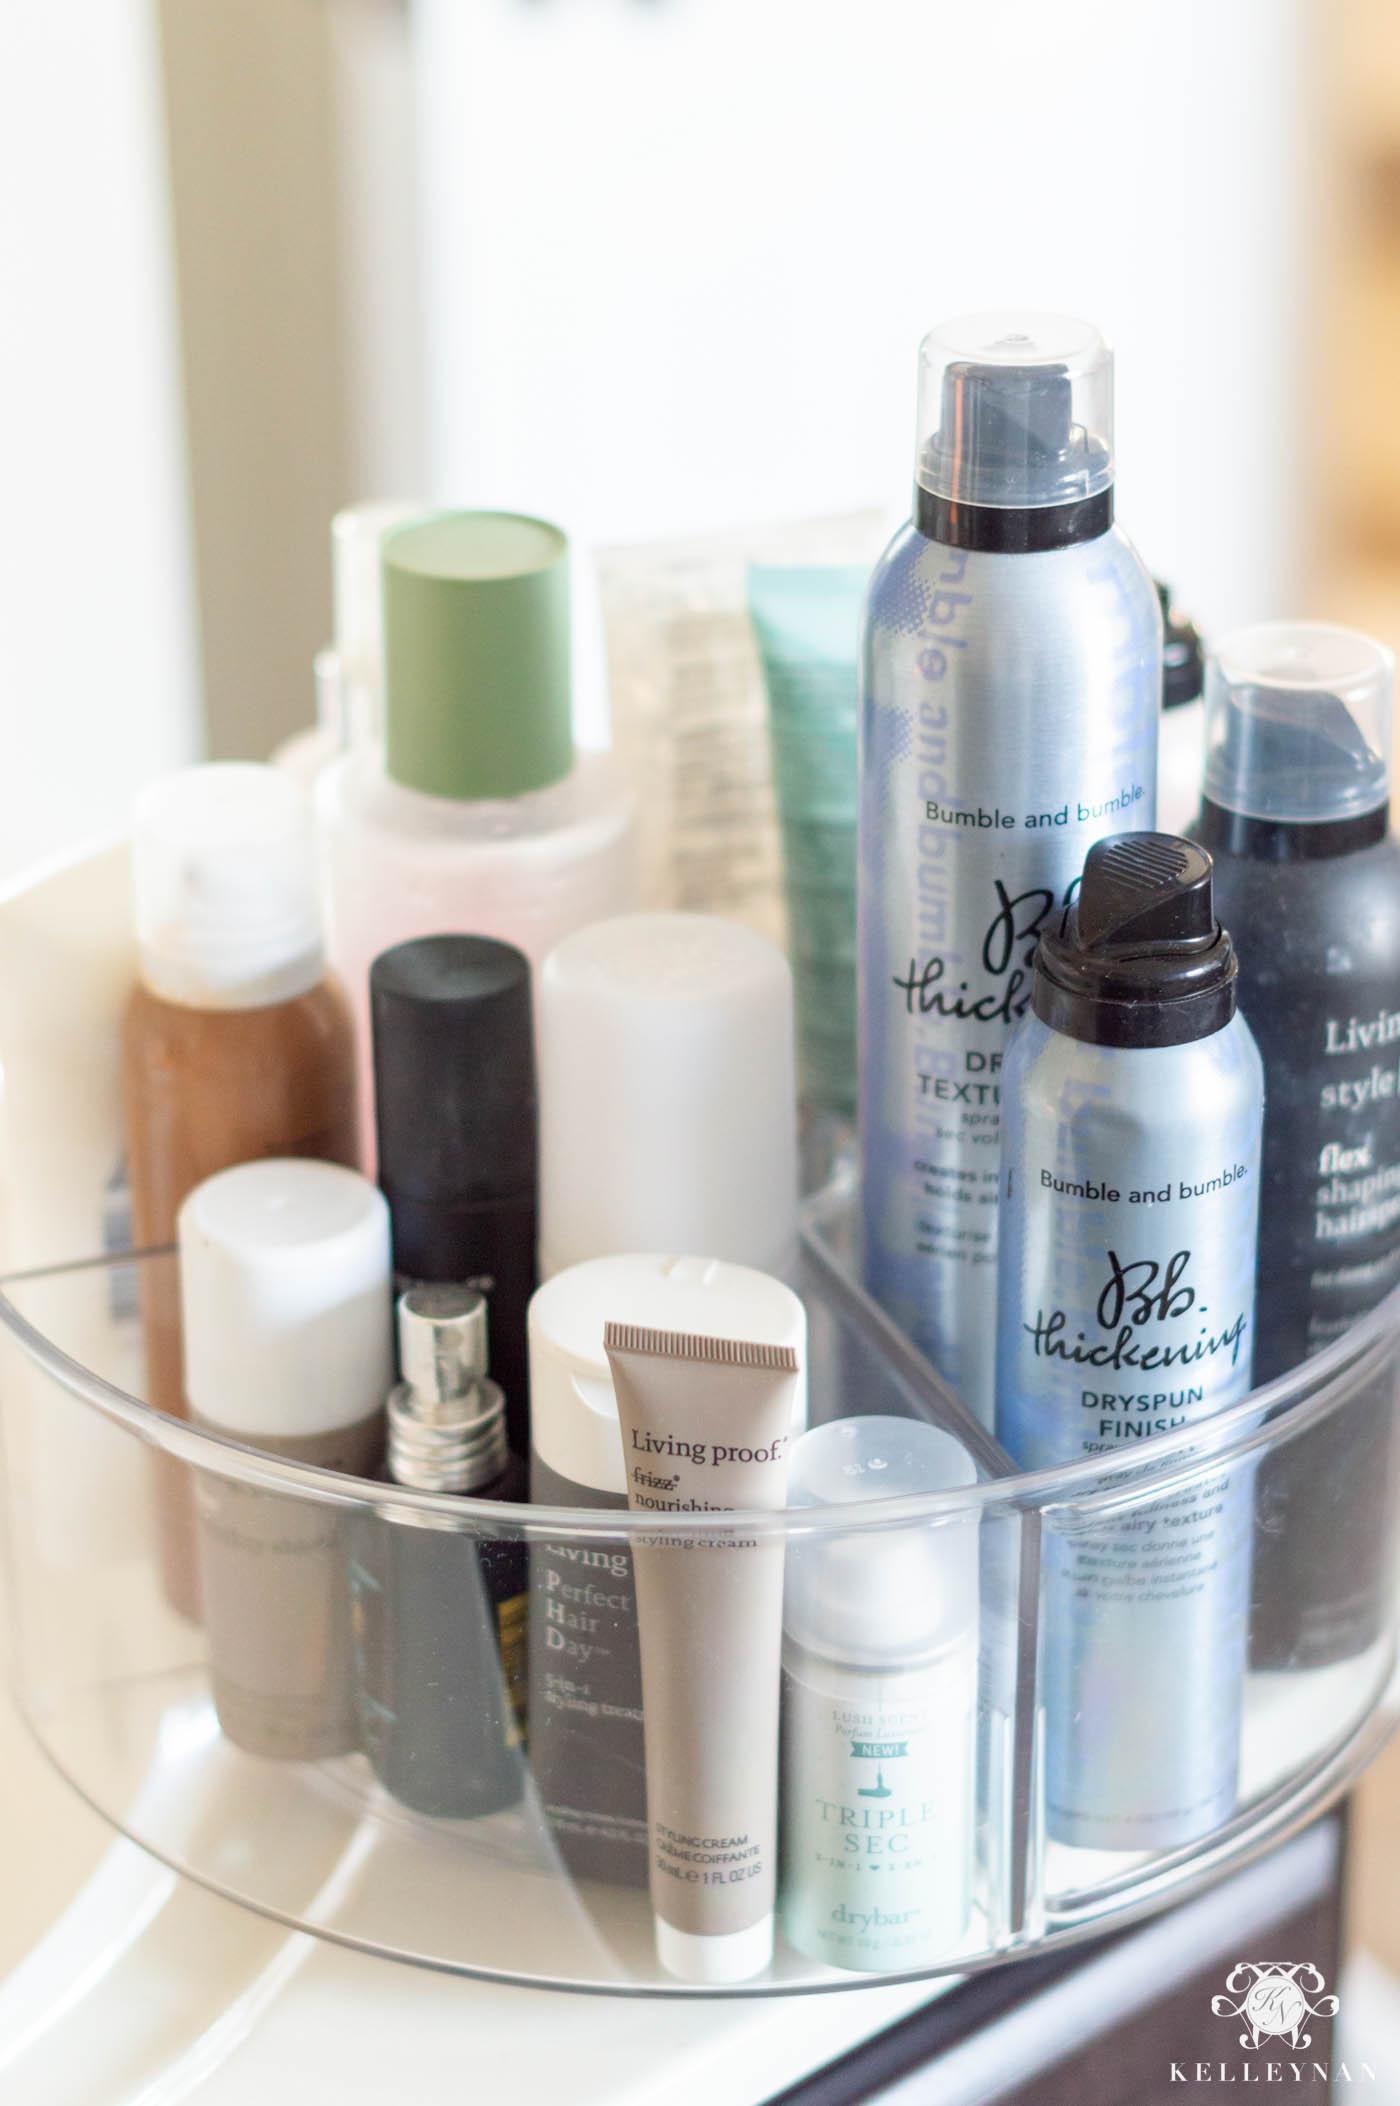 Bathroom Cabinet Organizer & Organization Ideas